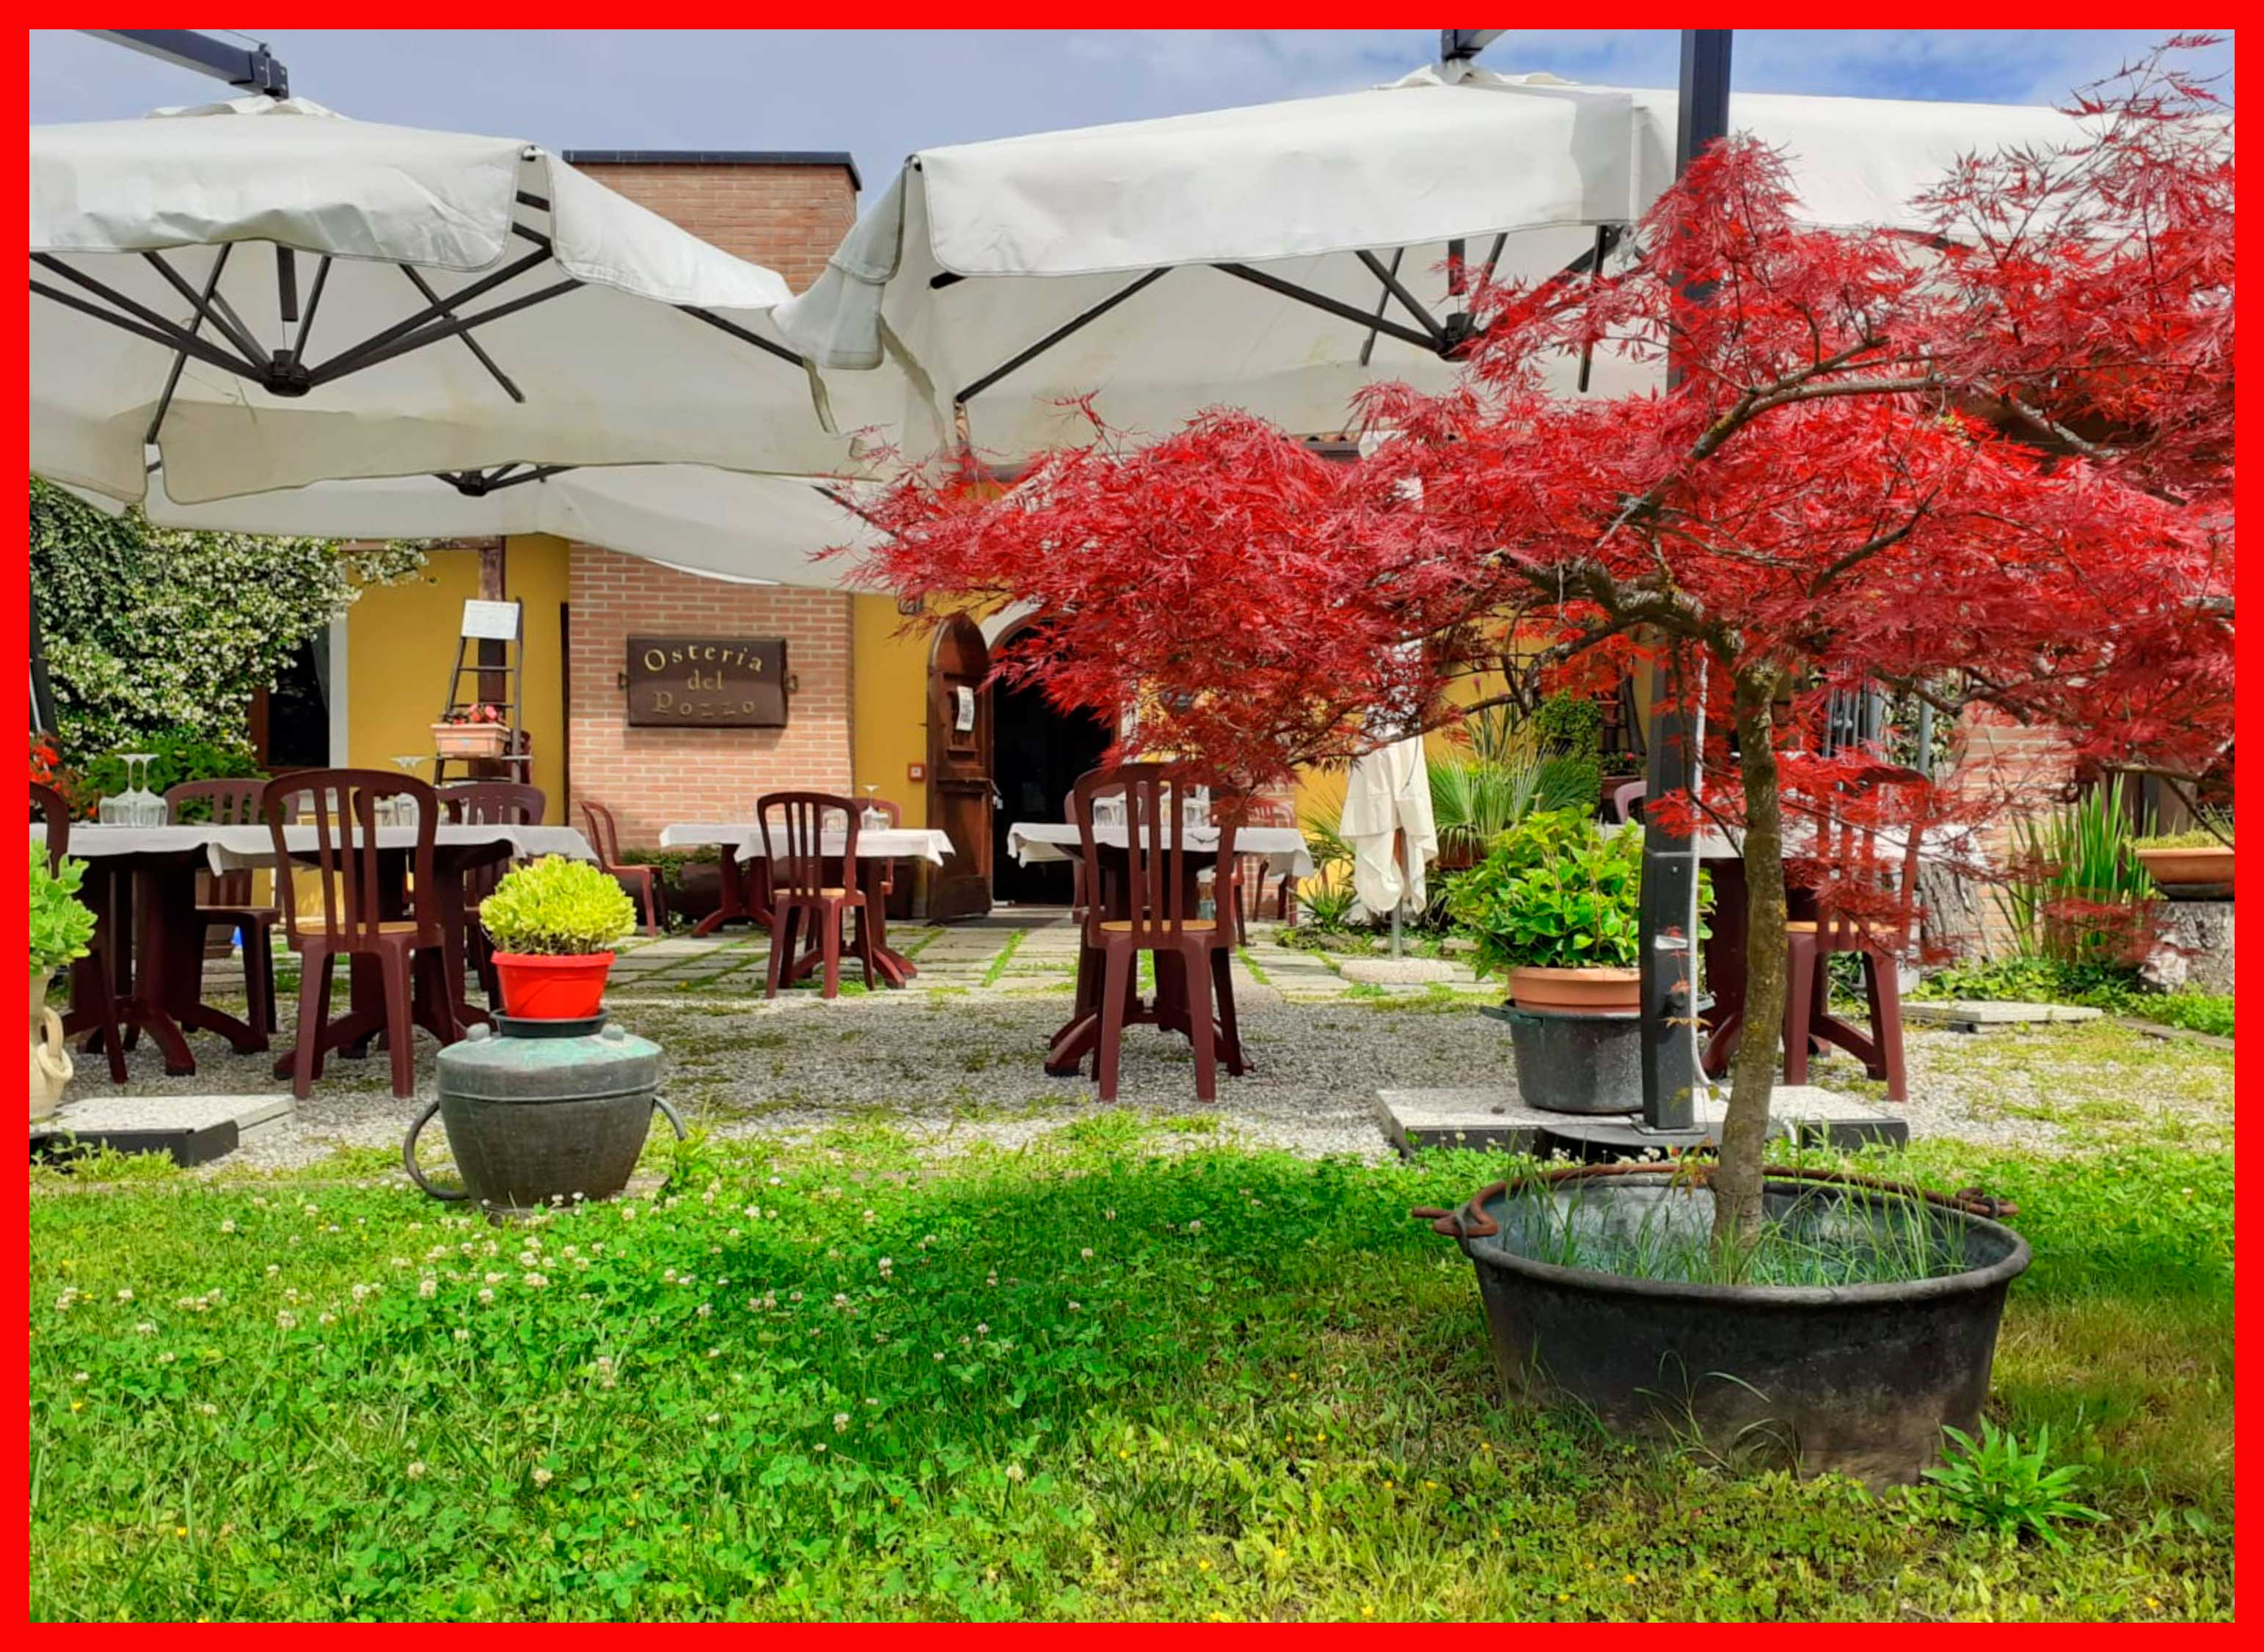 aperitivo_osteria_del_pozzo_2